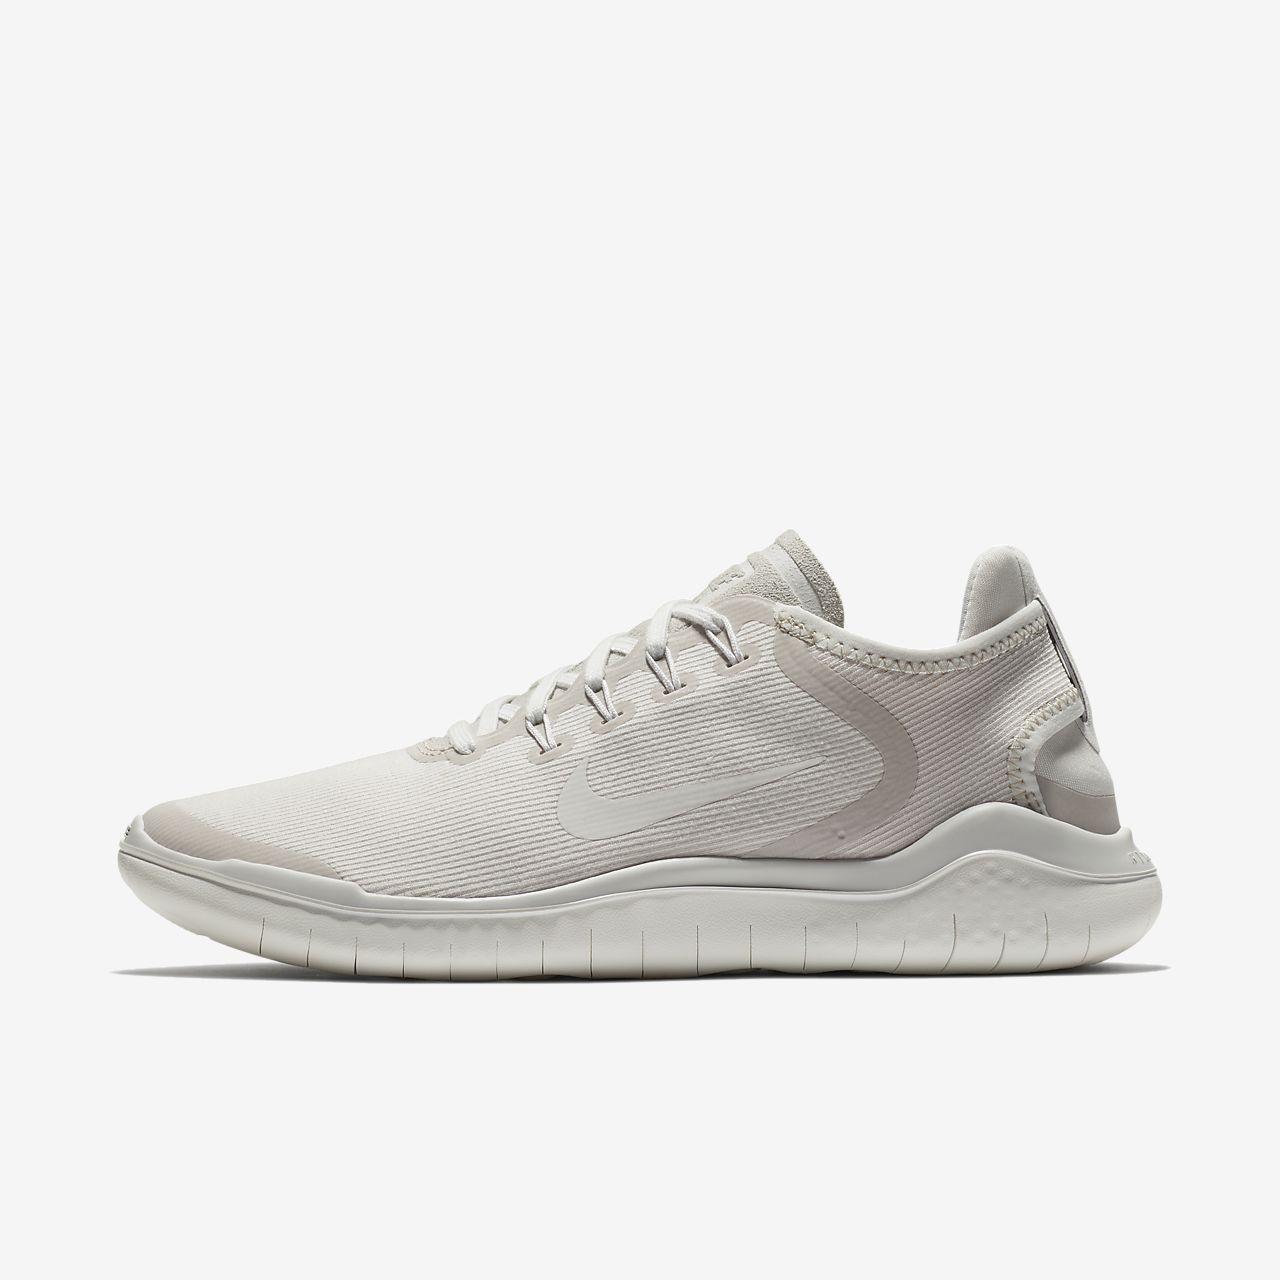 80a9099d63a buty nike free rn opinie sneaker